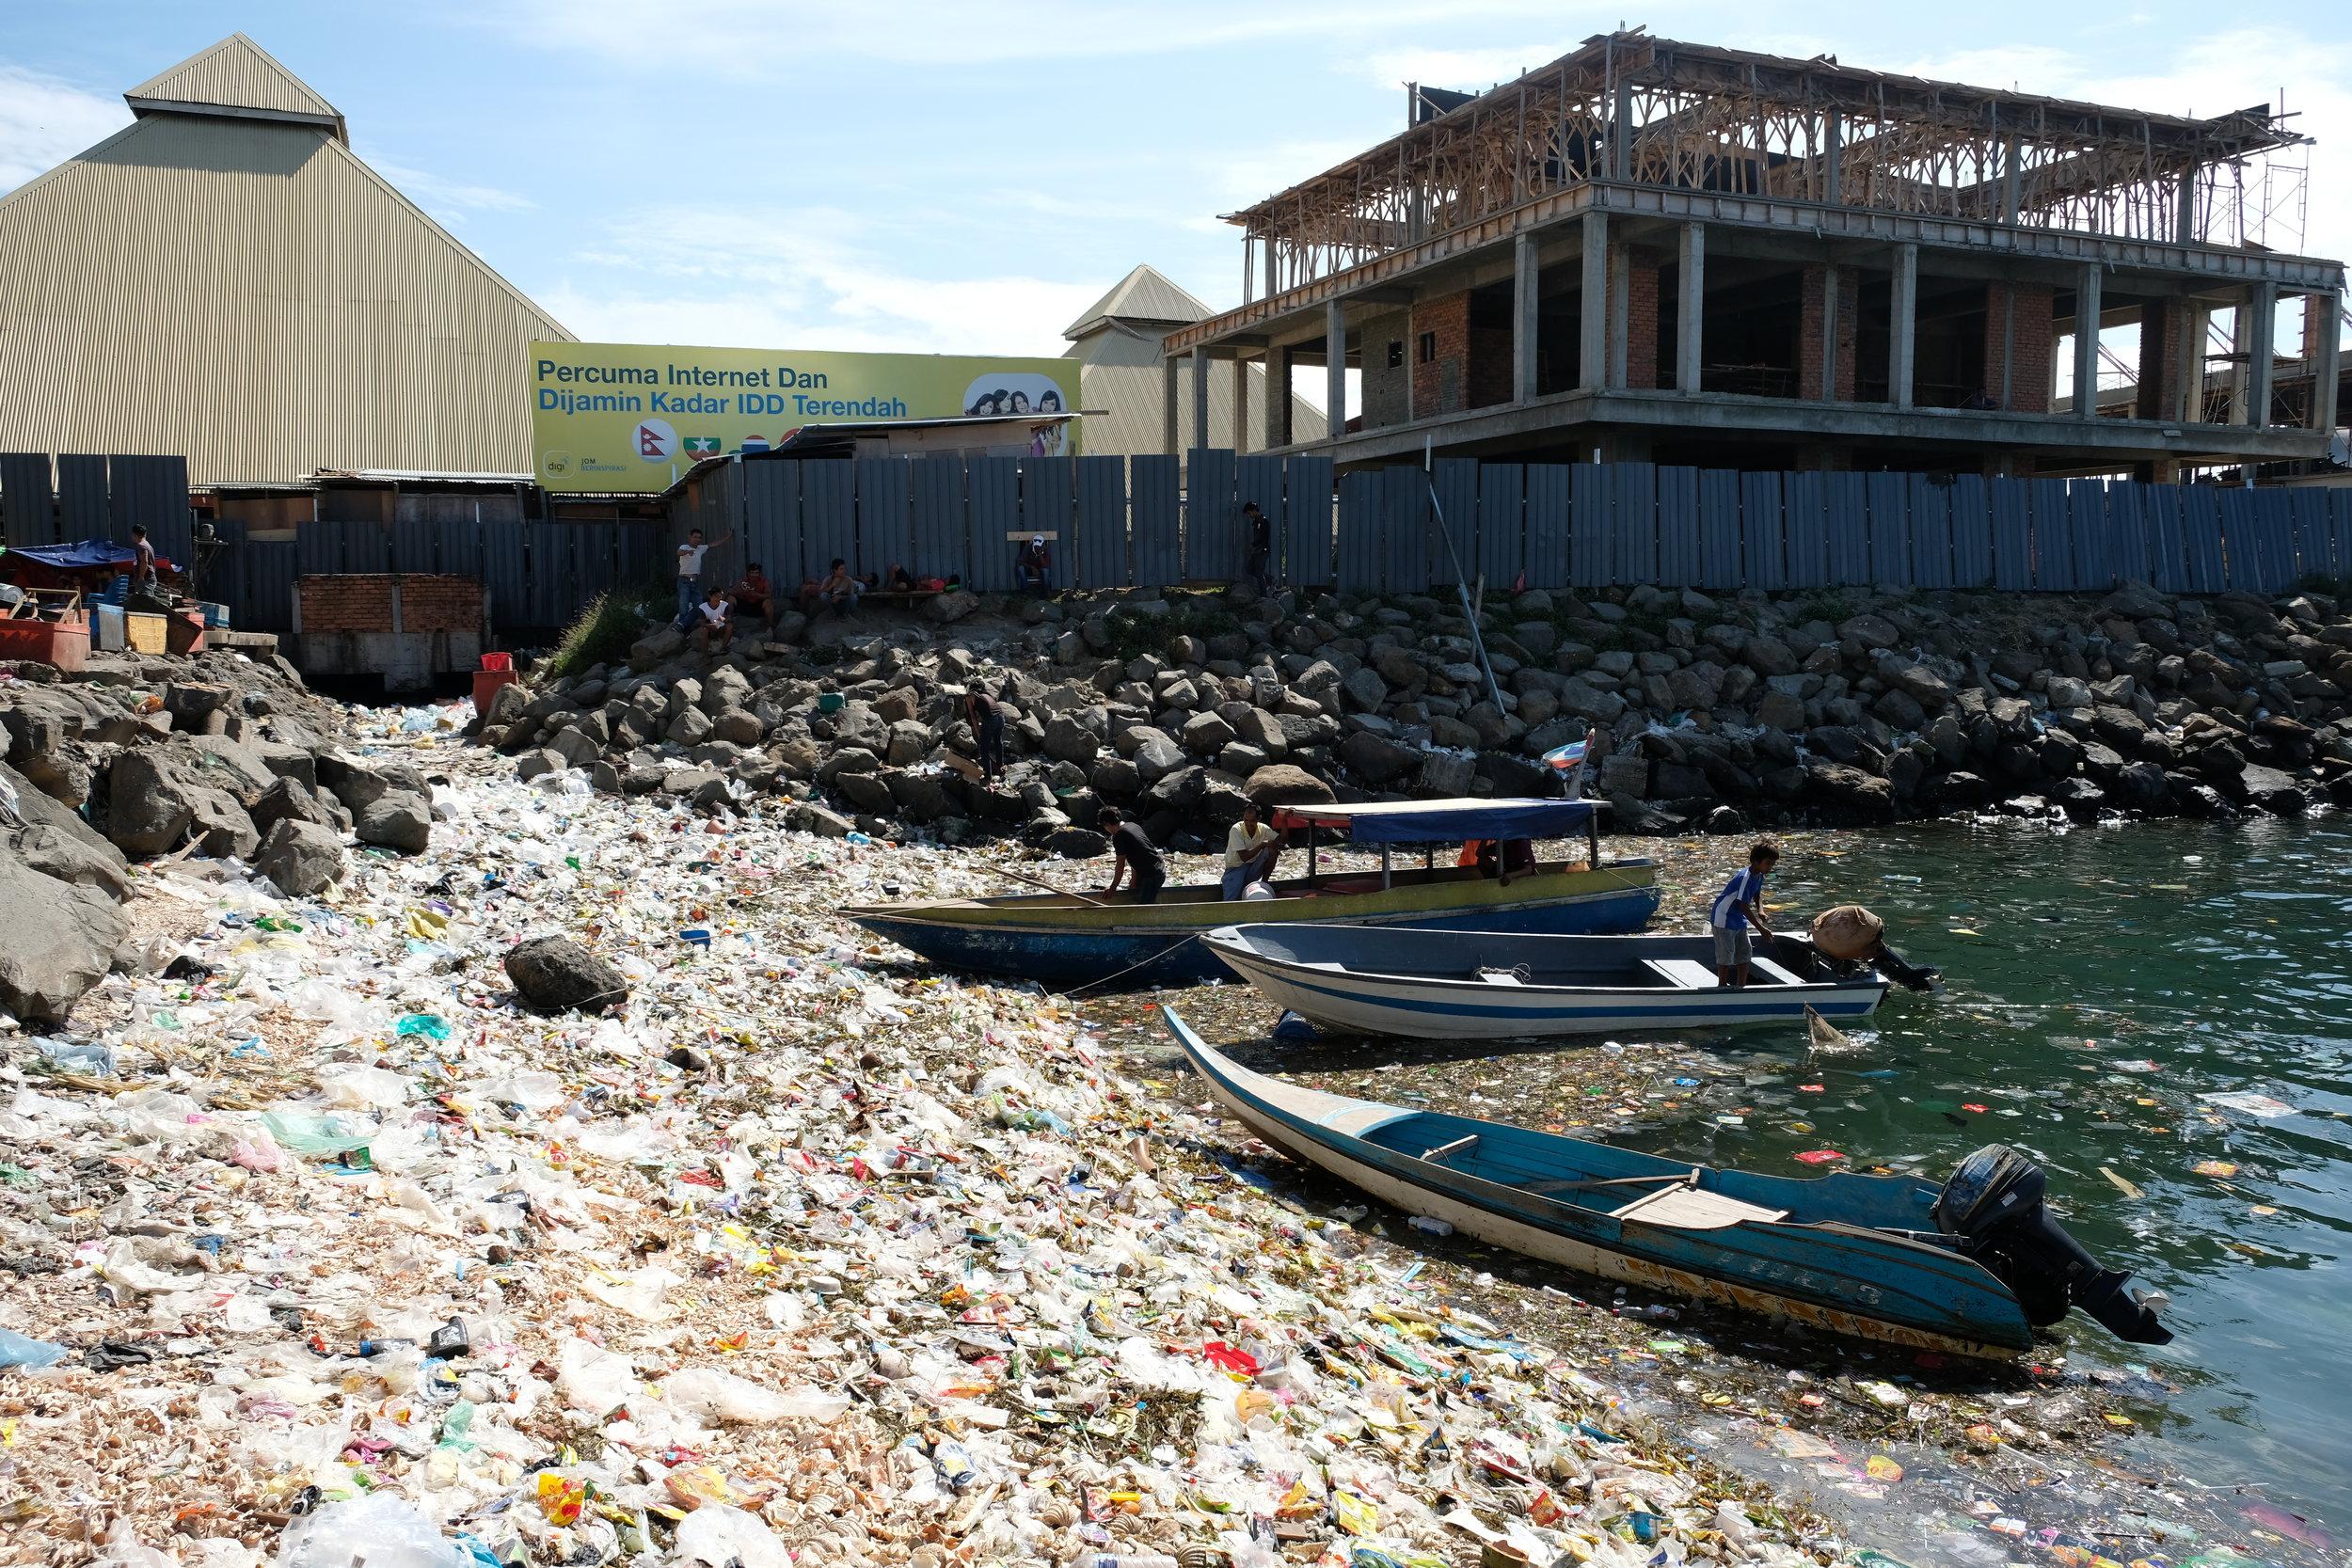 Trash is a major problem - Semporna